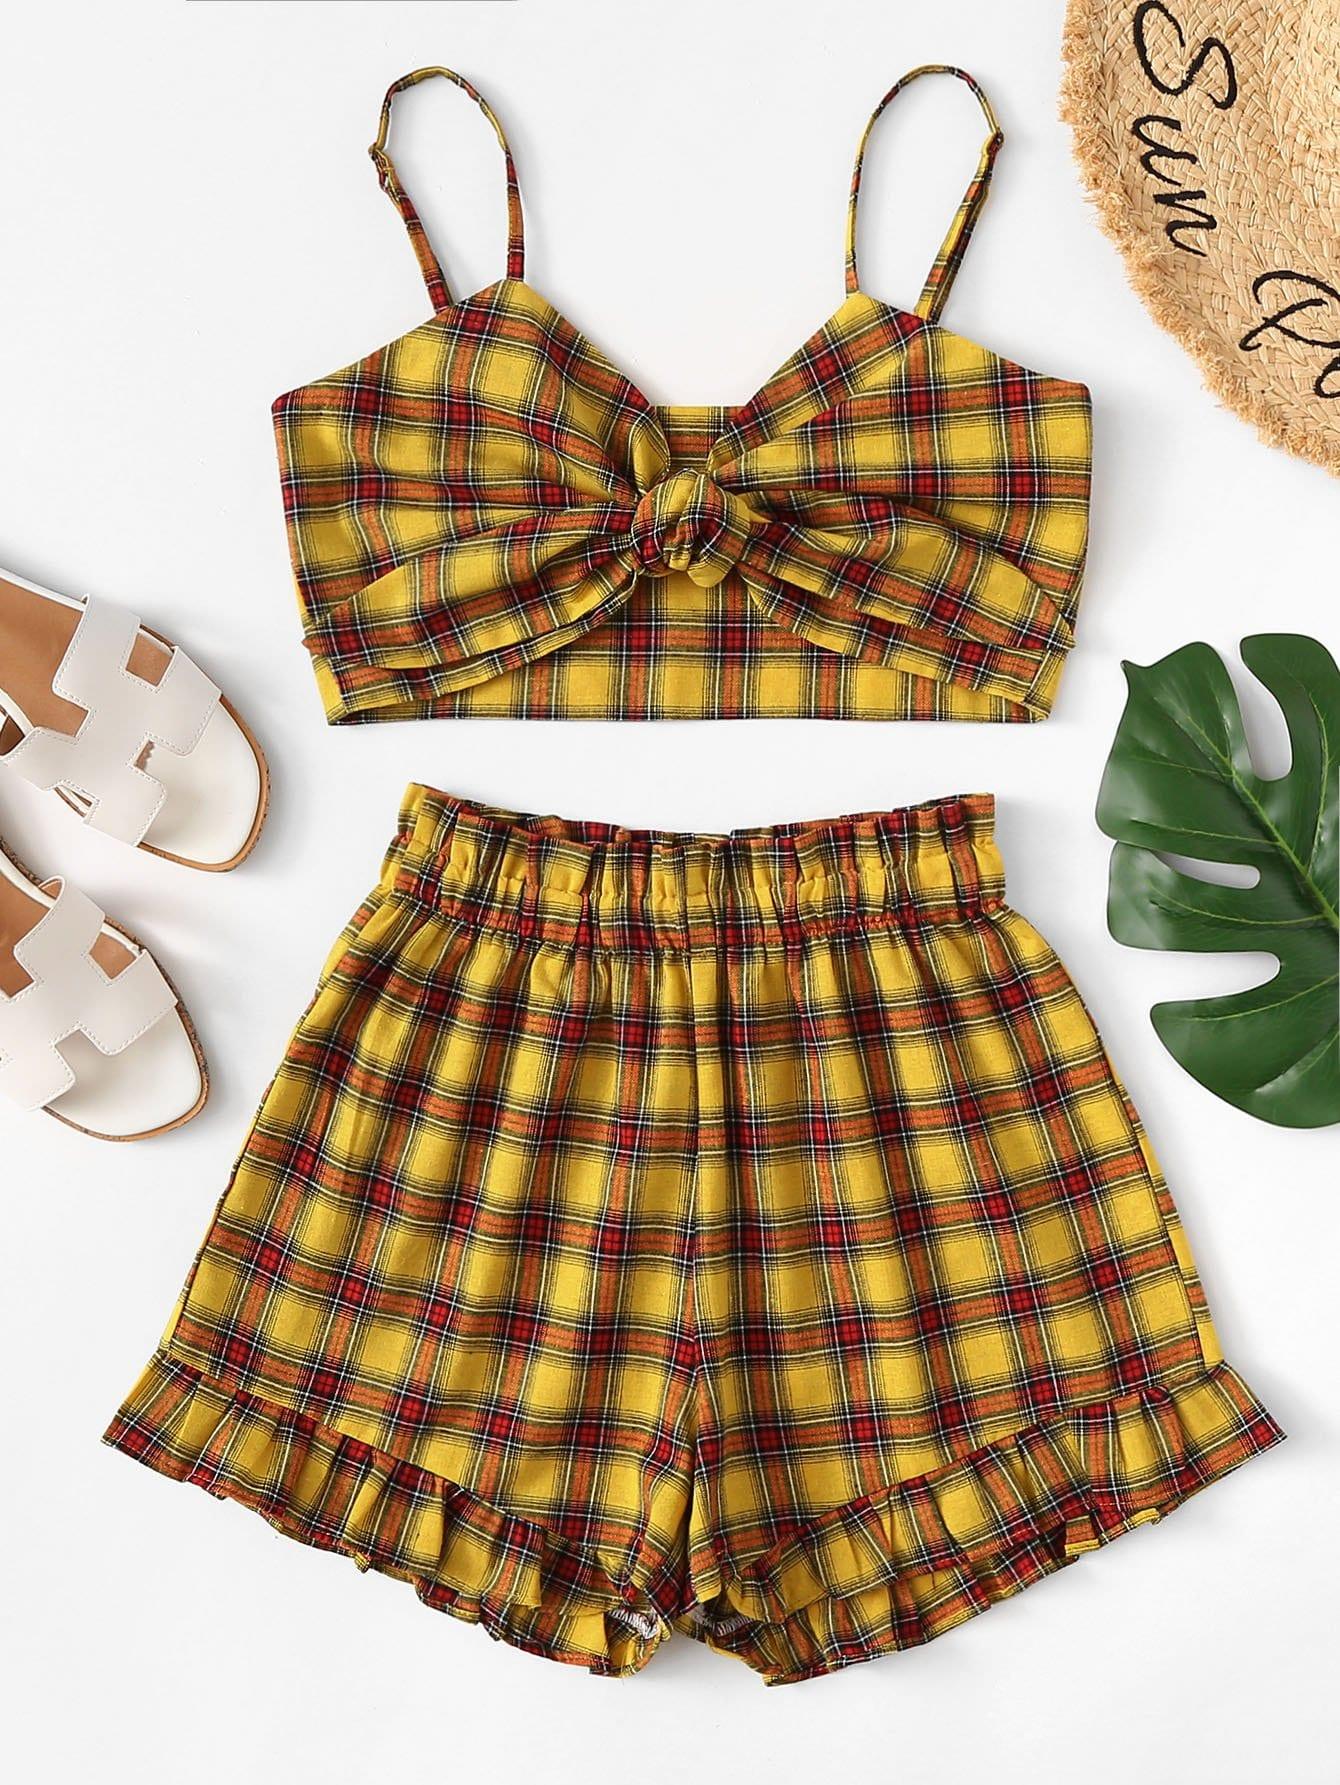 Tartan Plaid Knot Crop Cami Top With Shorts